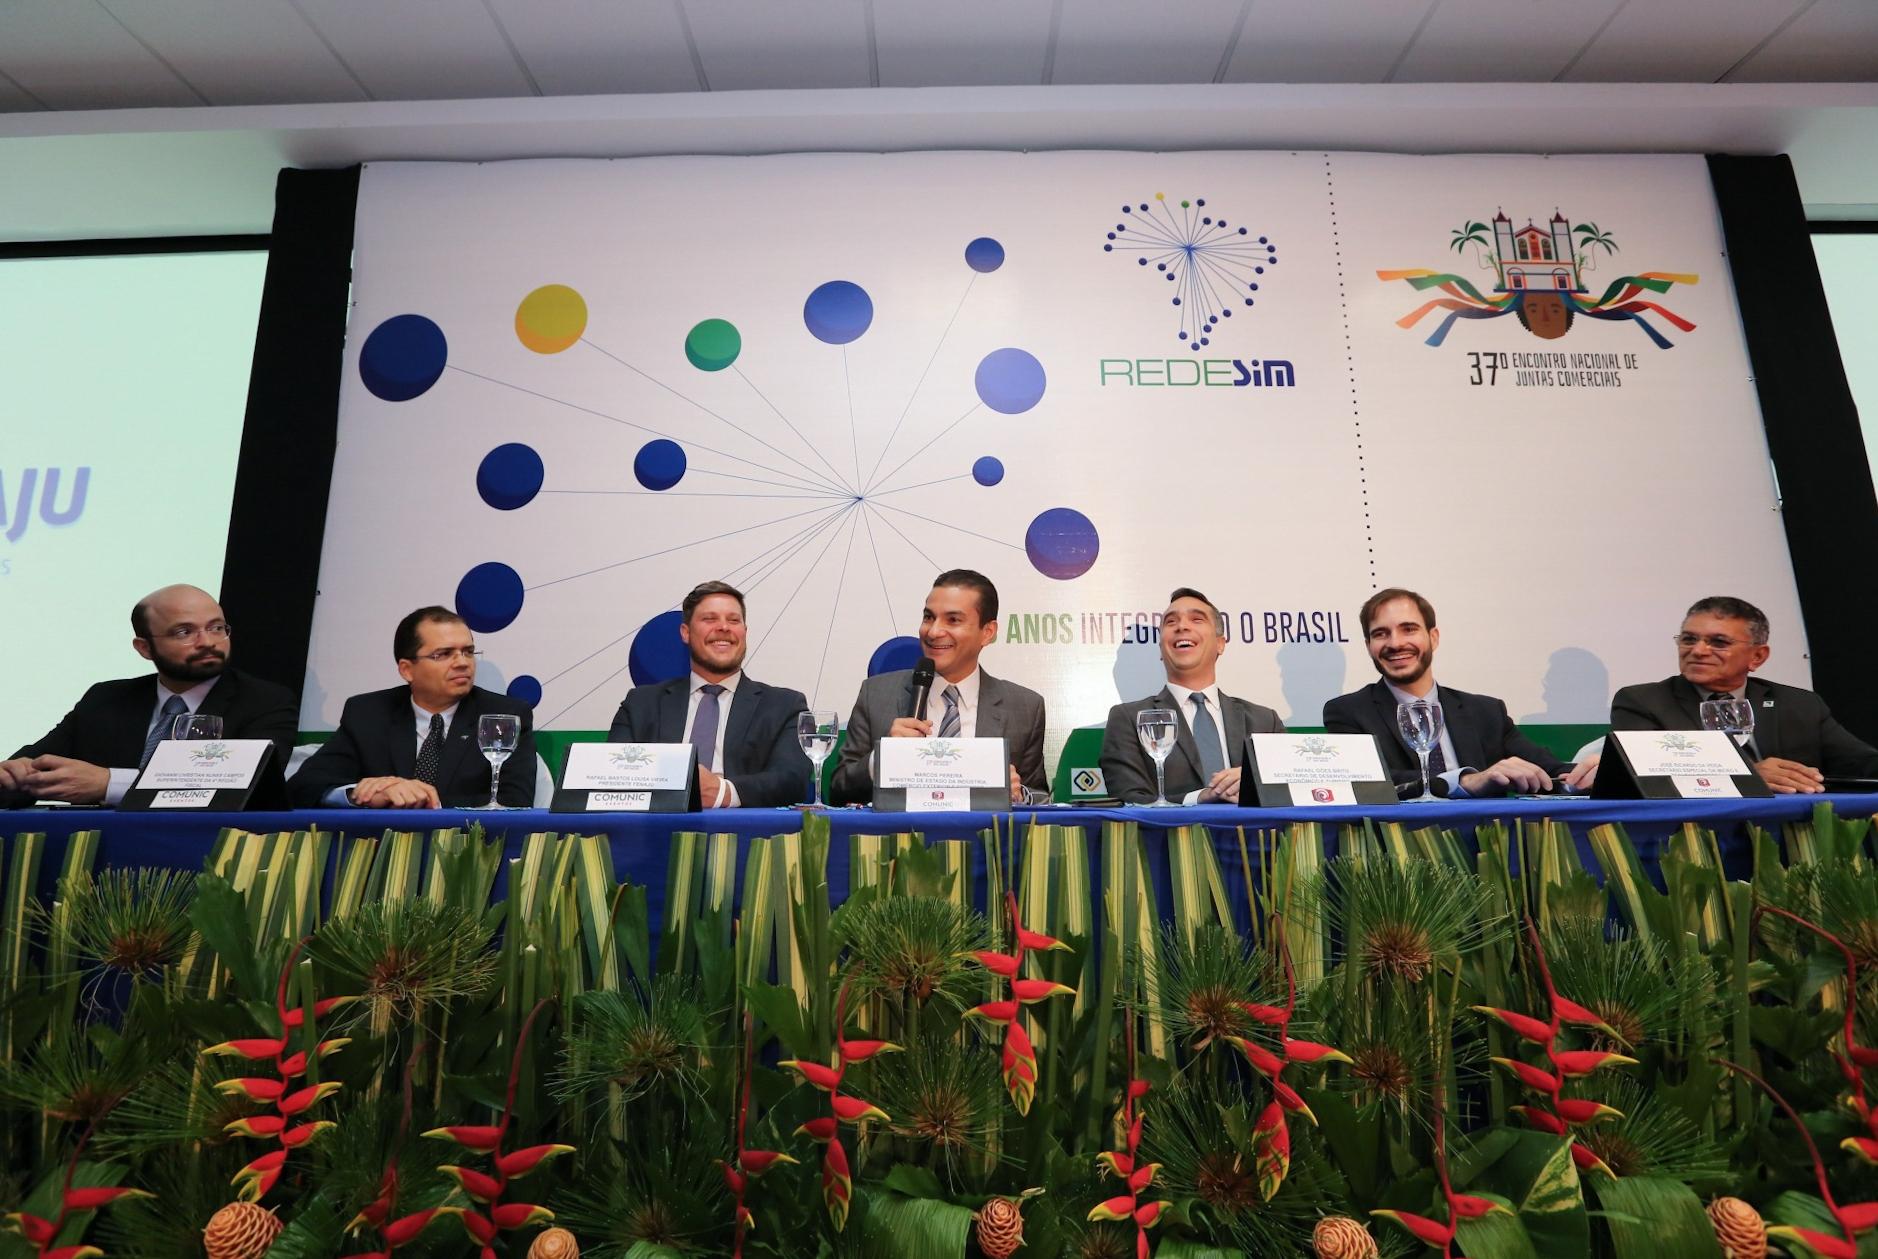 Ministro participou de encontro de representantes das Juntas Comerciais brasileiras - Divulgação/ND